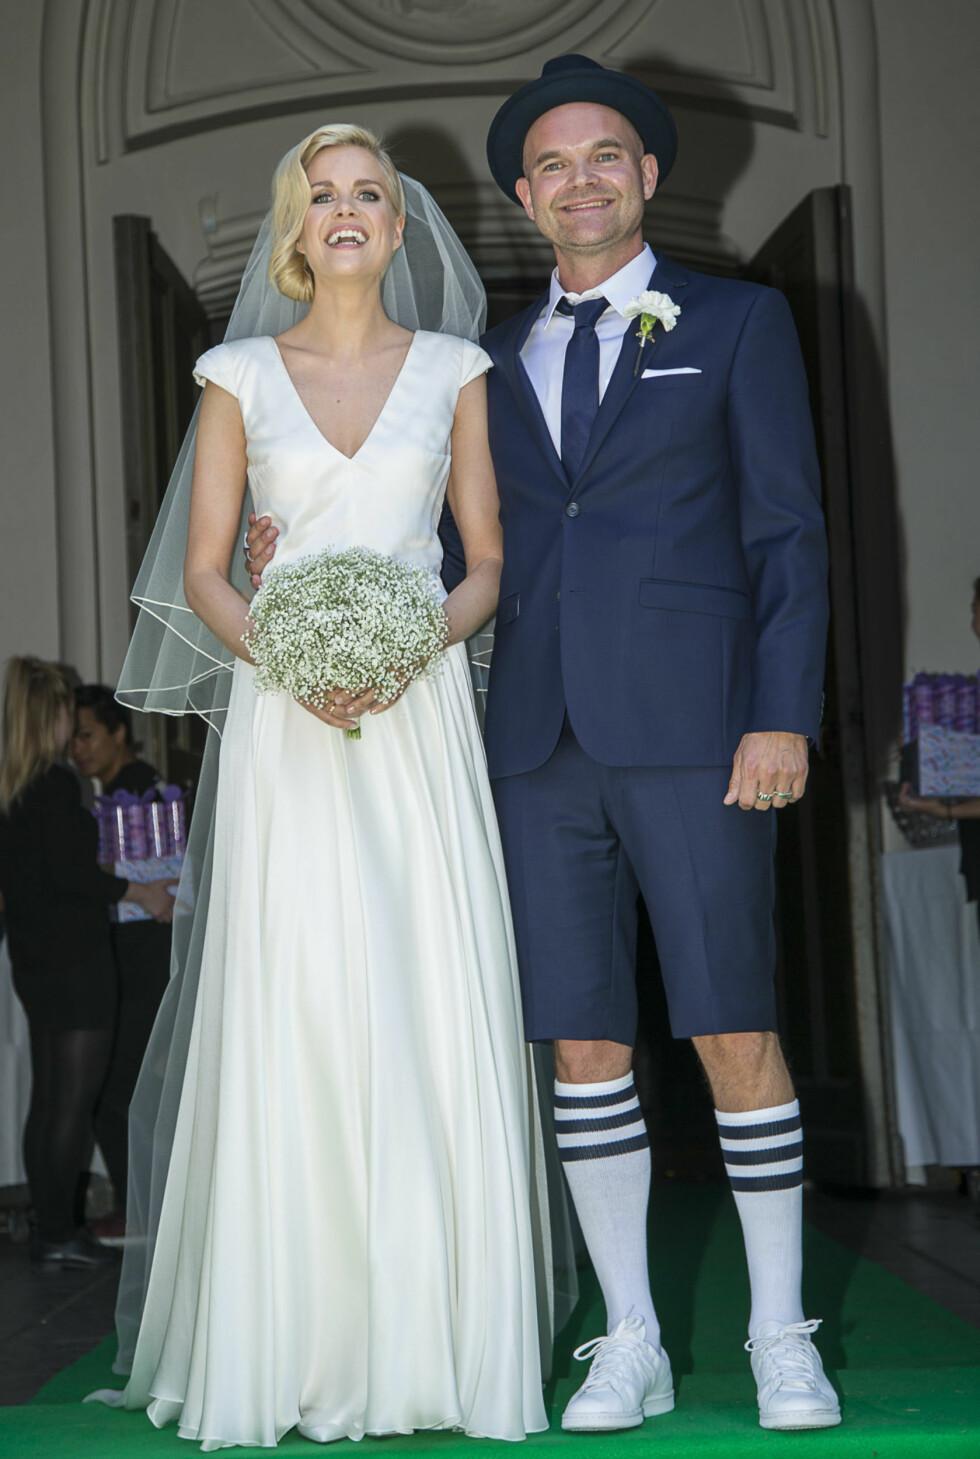 SOMMERBRYLLUP: Moods of Norway-gründer Simen Staalnacke (39) giftet seg med TV-produsent Anne Berit Valla (31) i slutten av juni. Til tross for at hun er fra Stjørdal i Nord-Trøndelag, og han er fra Stryn i Sogn og Fjordane, ble bryllupet holdt i Oslo. Foto: Tor Lindseth